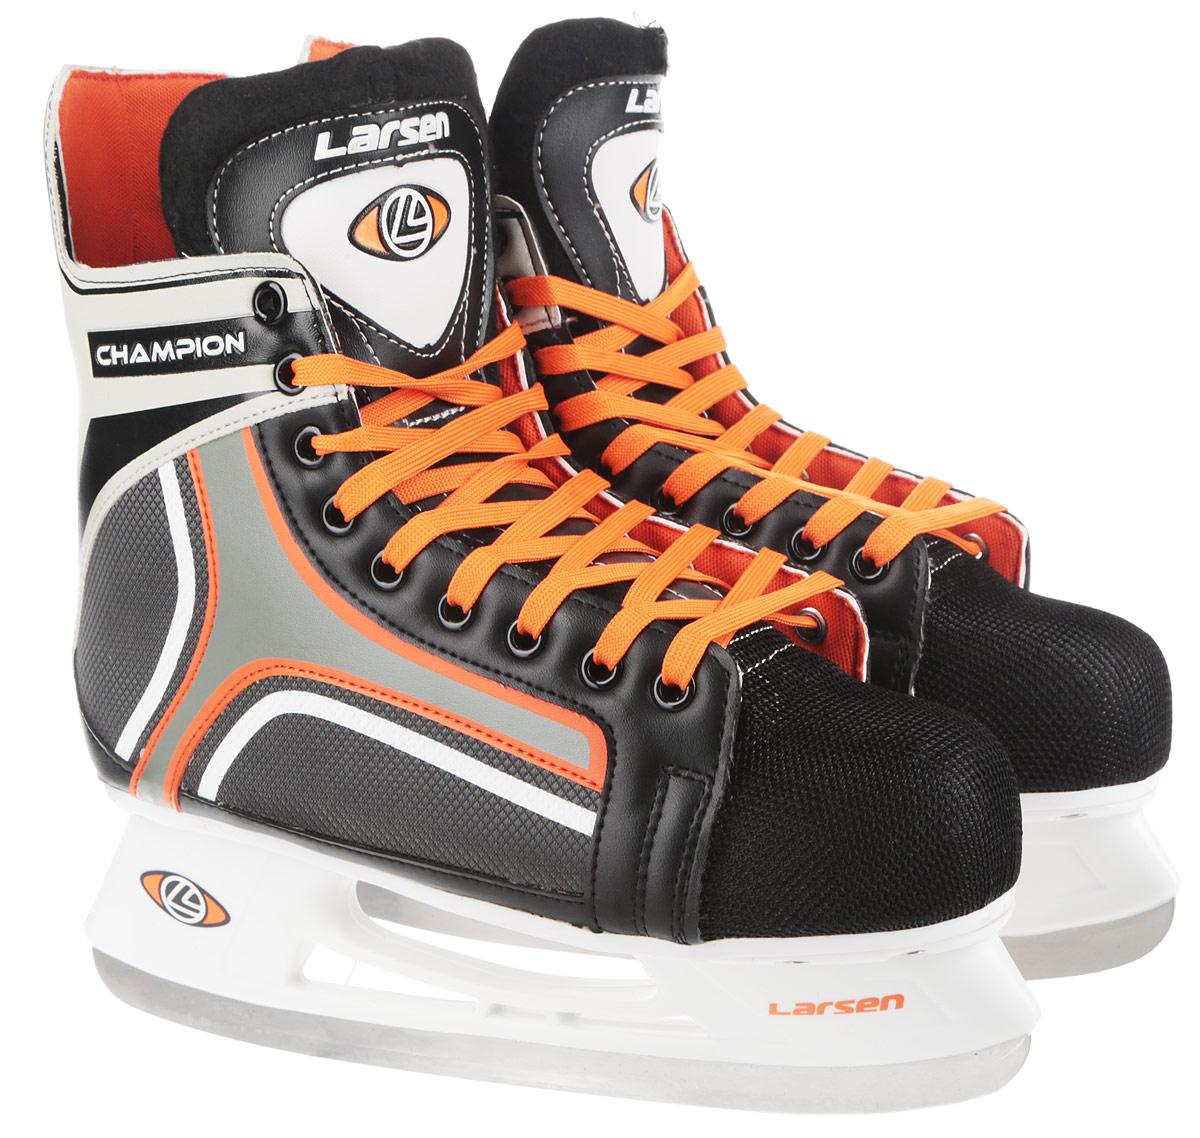 Коньки хоккейные мужские Larsen Champion, цвет: черный, белый, оранжевый. Размер 43